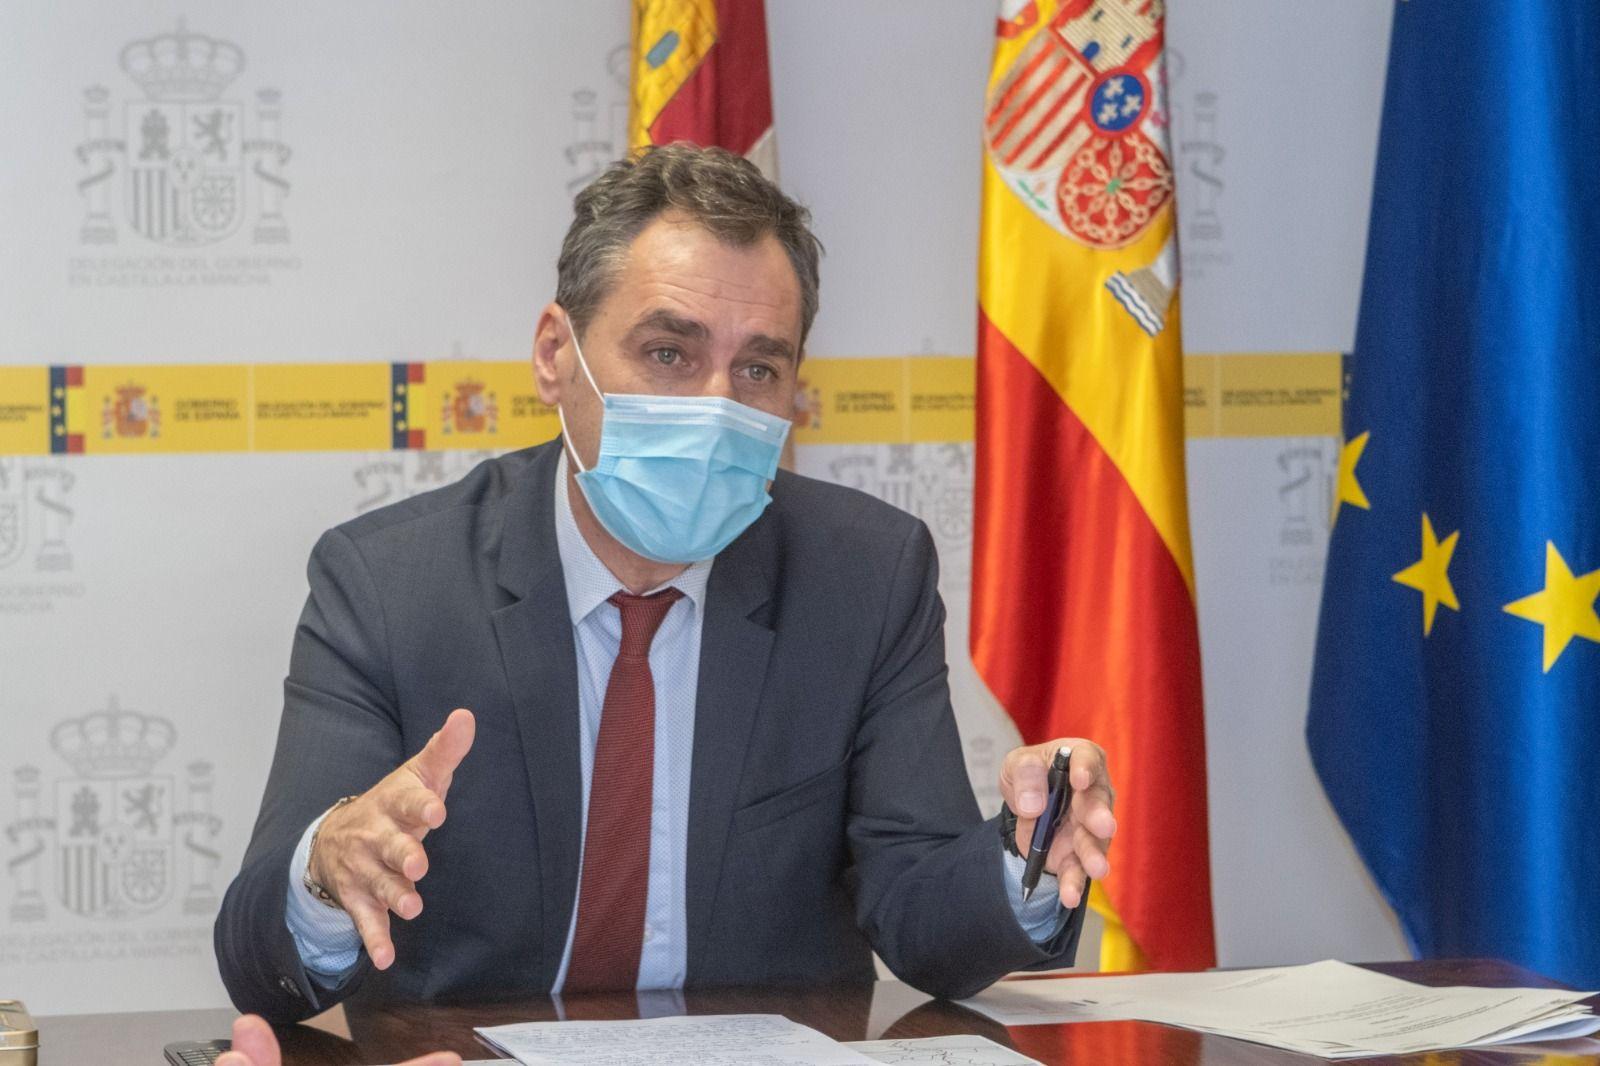 El Gobierno de España focaliza en el sector agrícola, clave para Castilla-La Mancha, buena parte del esfuerzo de recuperación económica iniciado este año